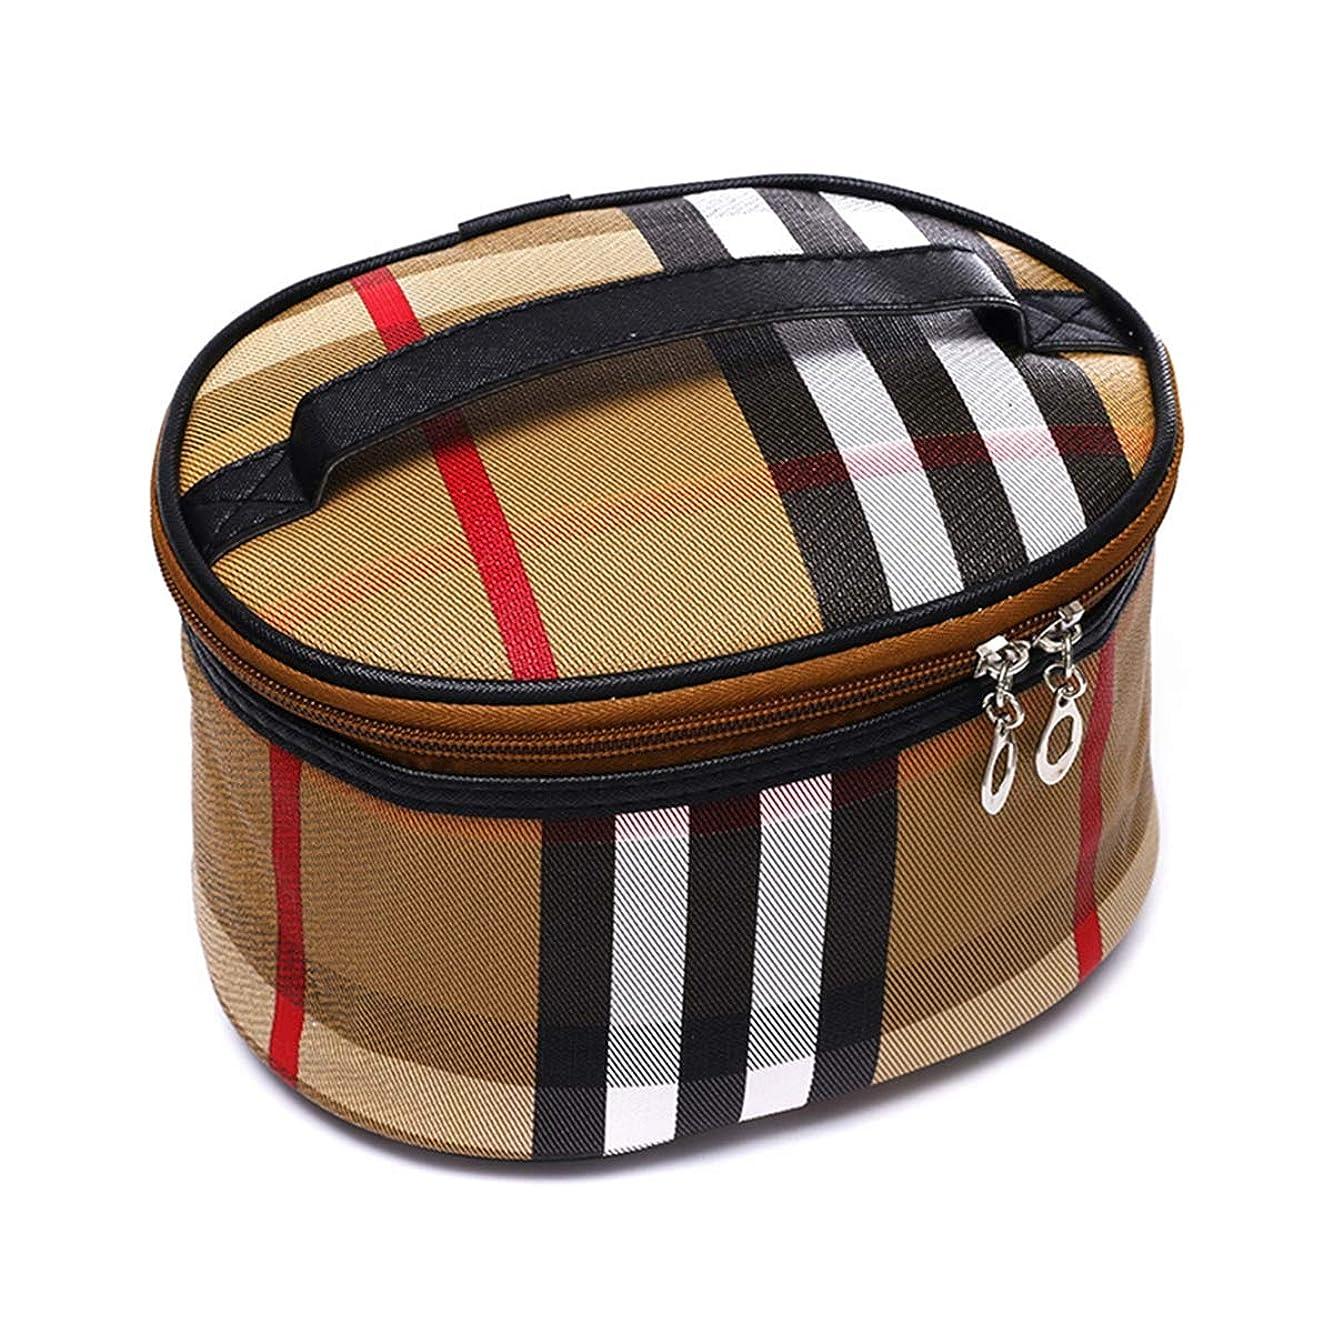 アメリカこどもセンター公爵化粧品袋、化粧品収納、10代の少女の女性のための大きい旅行ハンドルの個人化された袋,khaki,20*13*11cm